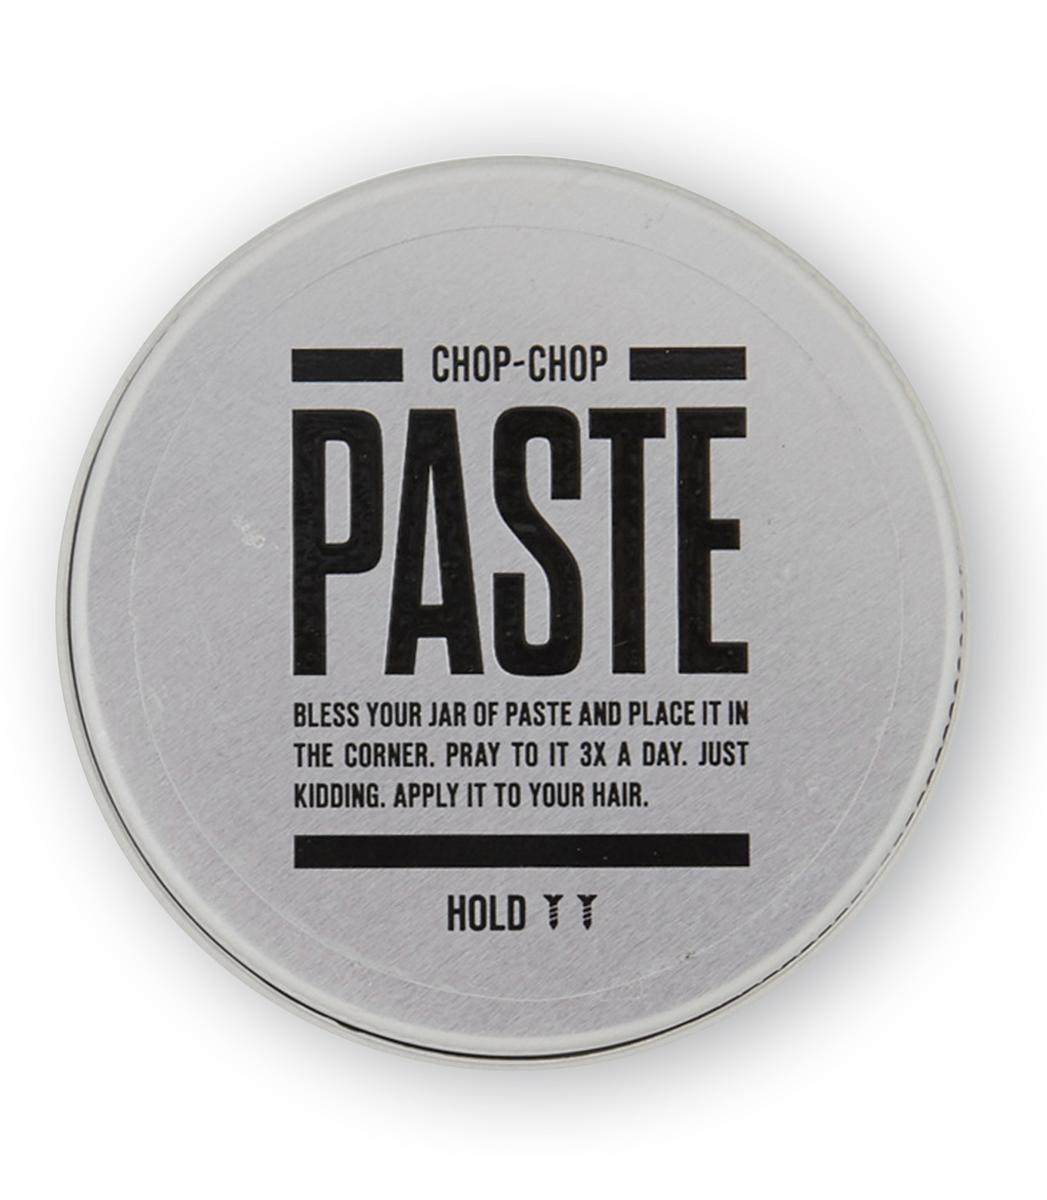 Chop-Chop Паста для волос, 50 млCHPCHP.PSTФирменное матовое средство для укладки волос с тонким ароматом грейпфрута. Мягкая и деликатная, но в то же время уверенная фиксация. Подходит как для коротких, так и для длинных волос. Активные ингредиенты За четкость формы укладки здесь отвечает пчелиный воск. Процентное содержание более 10%. Карнаубский воск из листьев пальмового «дерева жизни» Бразилии обеспечивает стойкость пасты в течение всего дня, средство не размазывается и растекается даже в самую жаркую погоду.